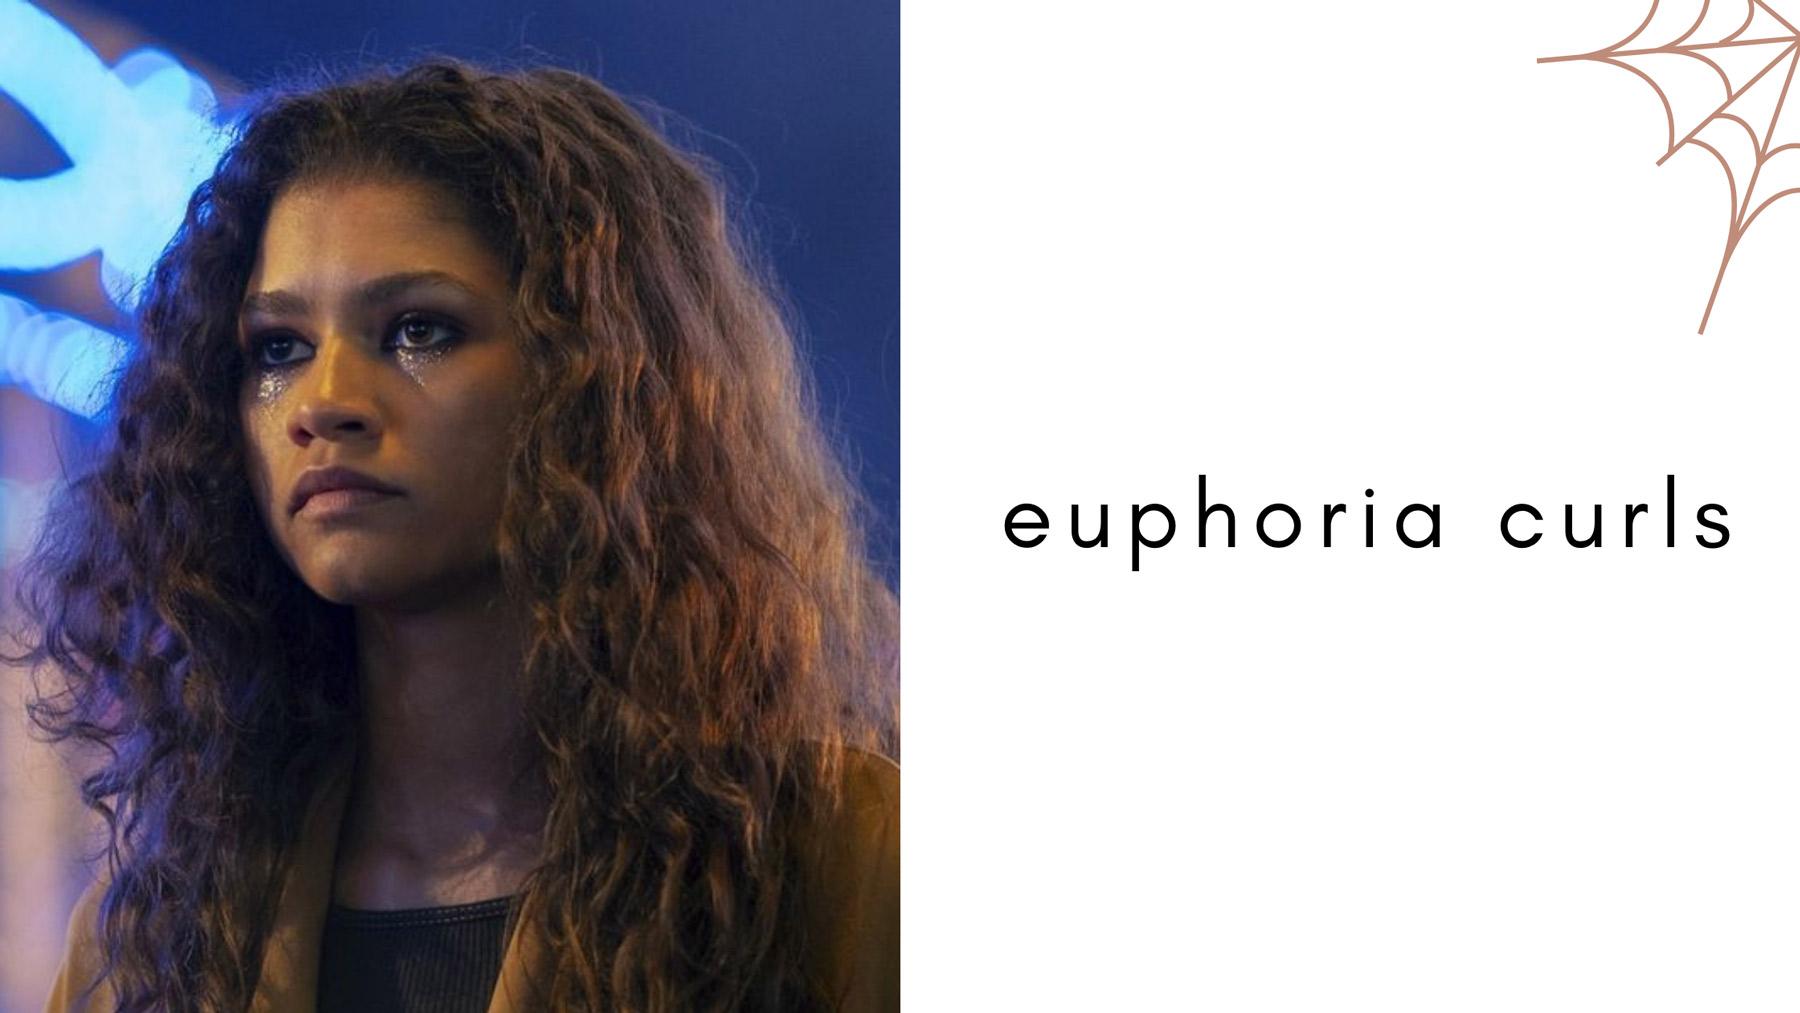 Euphoria Curls